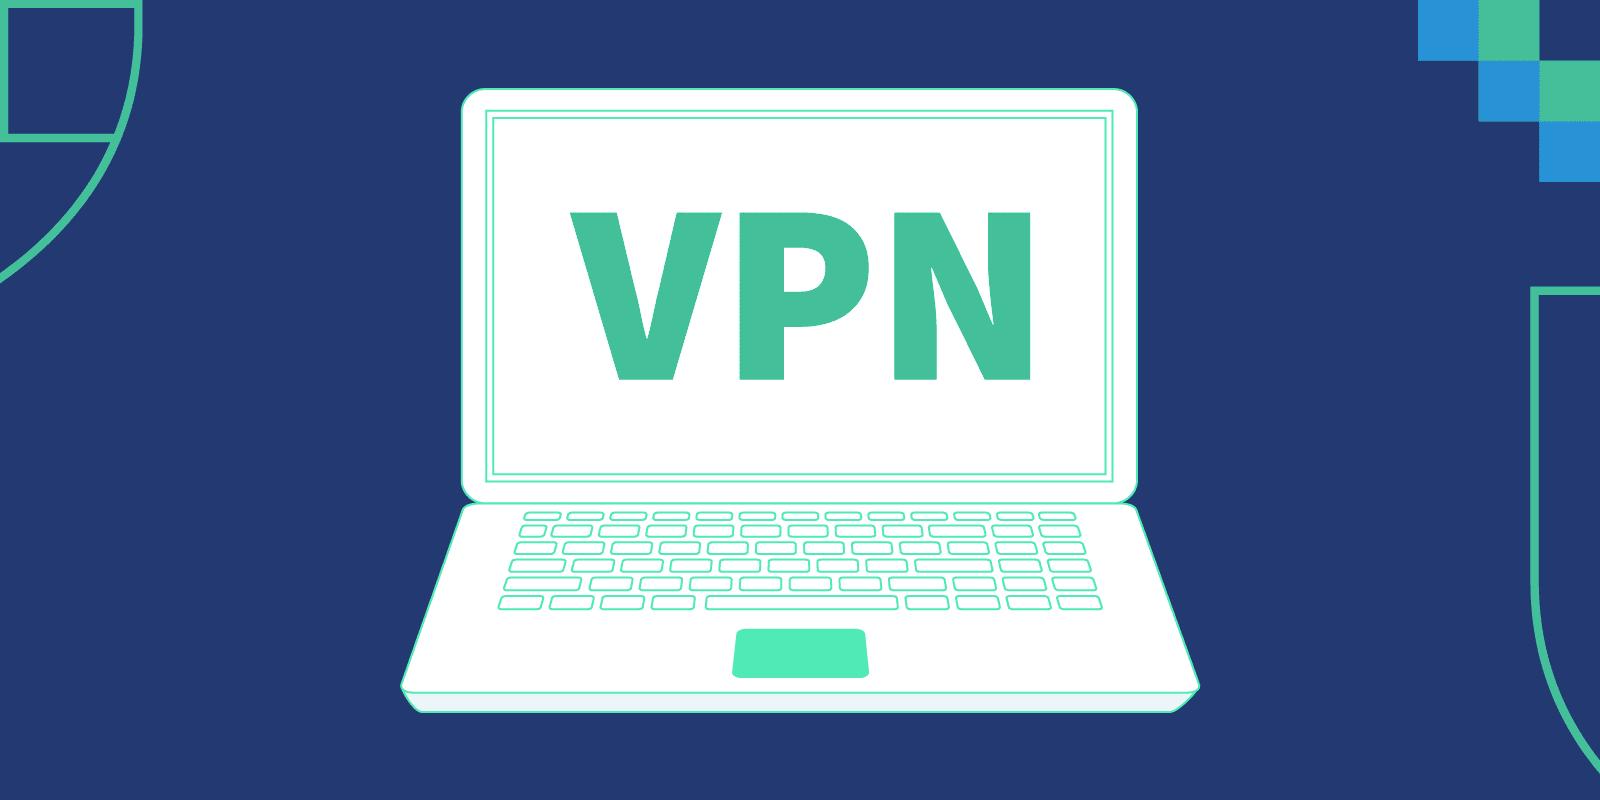 ضبط إعدادات VPN للاندرويد - كيفية استخدام VPN أندرويد